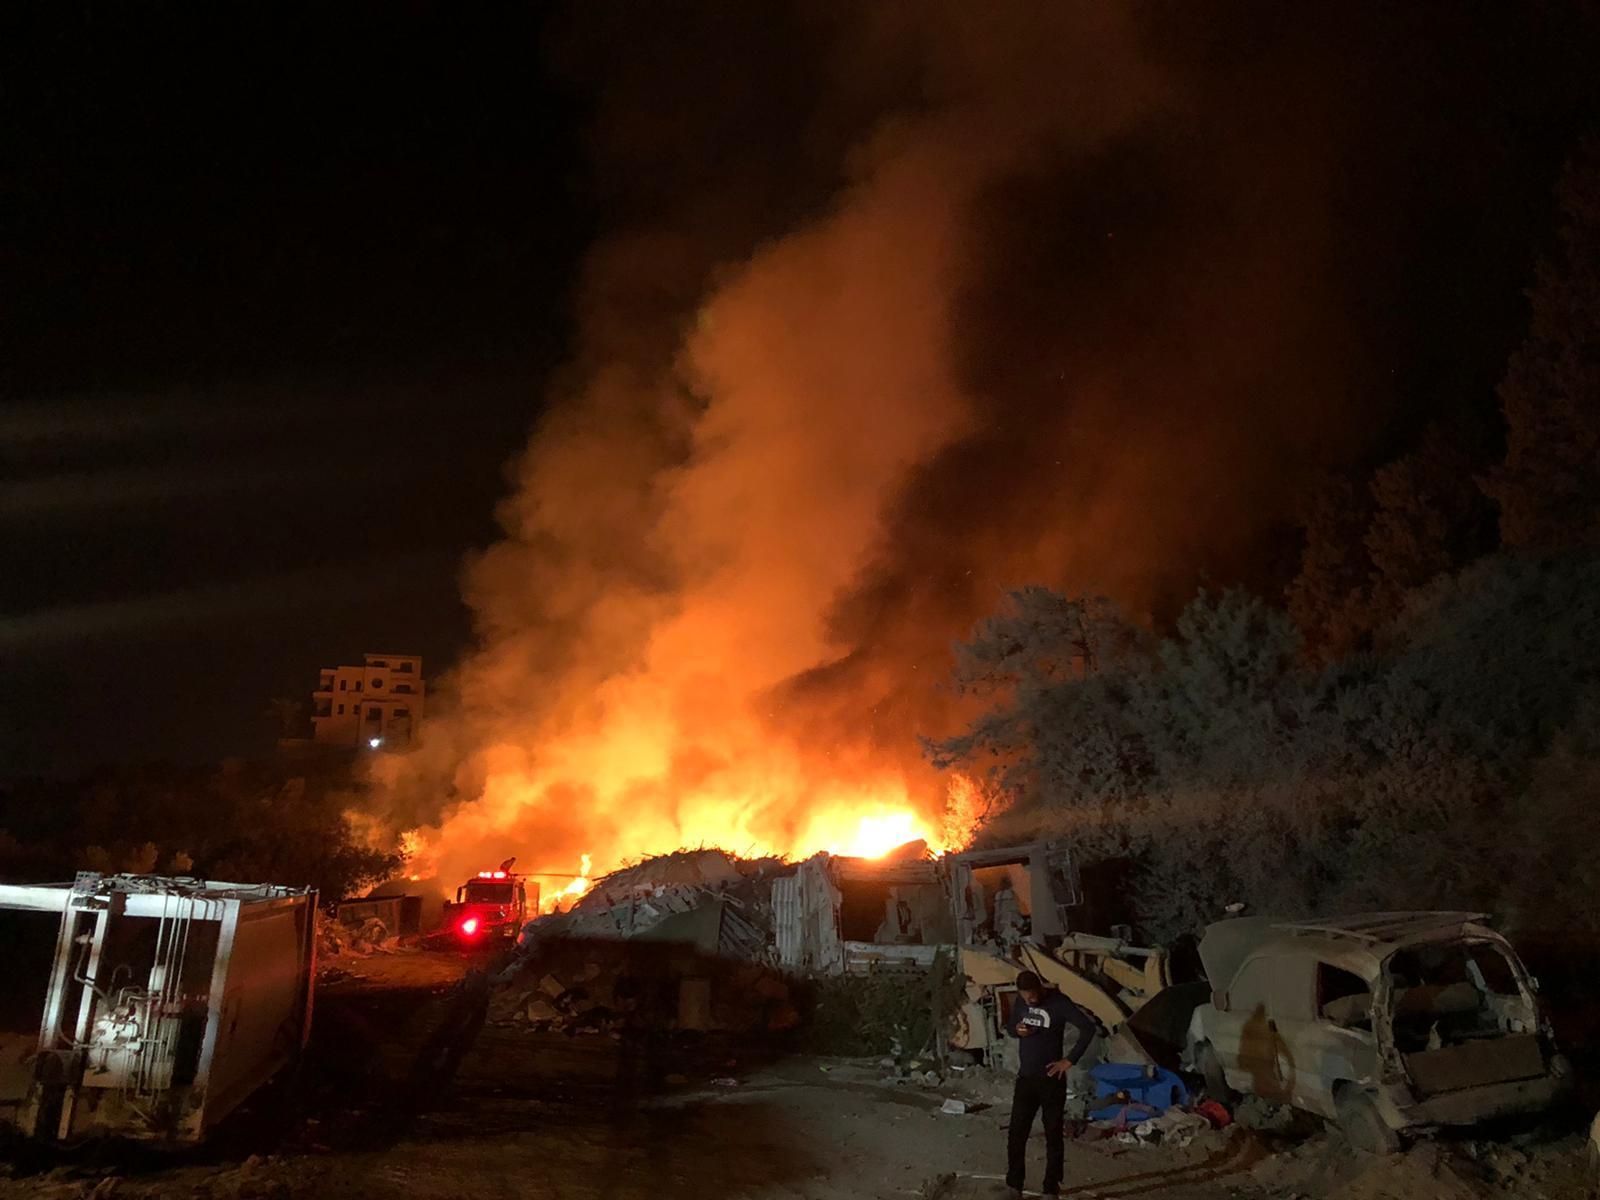 أم الفحم: حريق هائل يتسبب بتلوث خطير